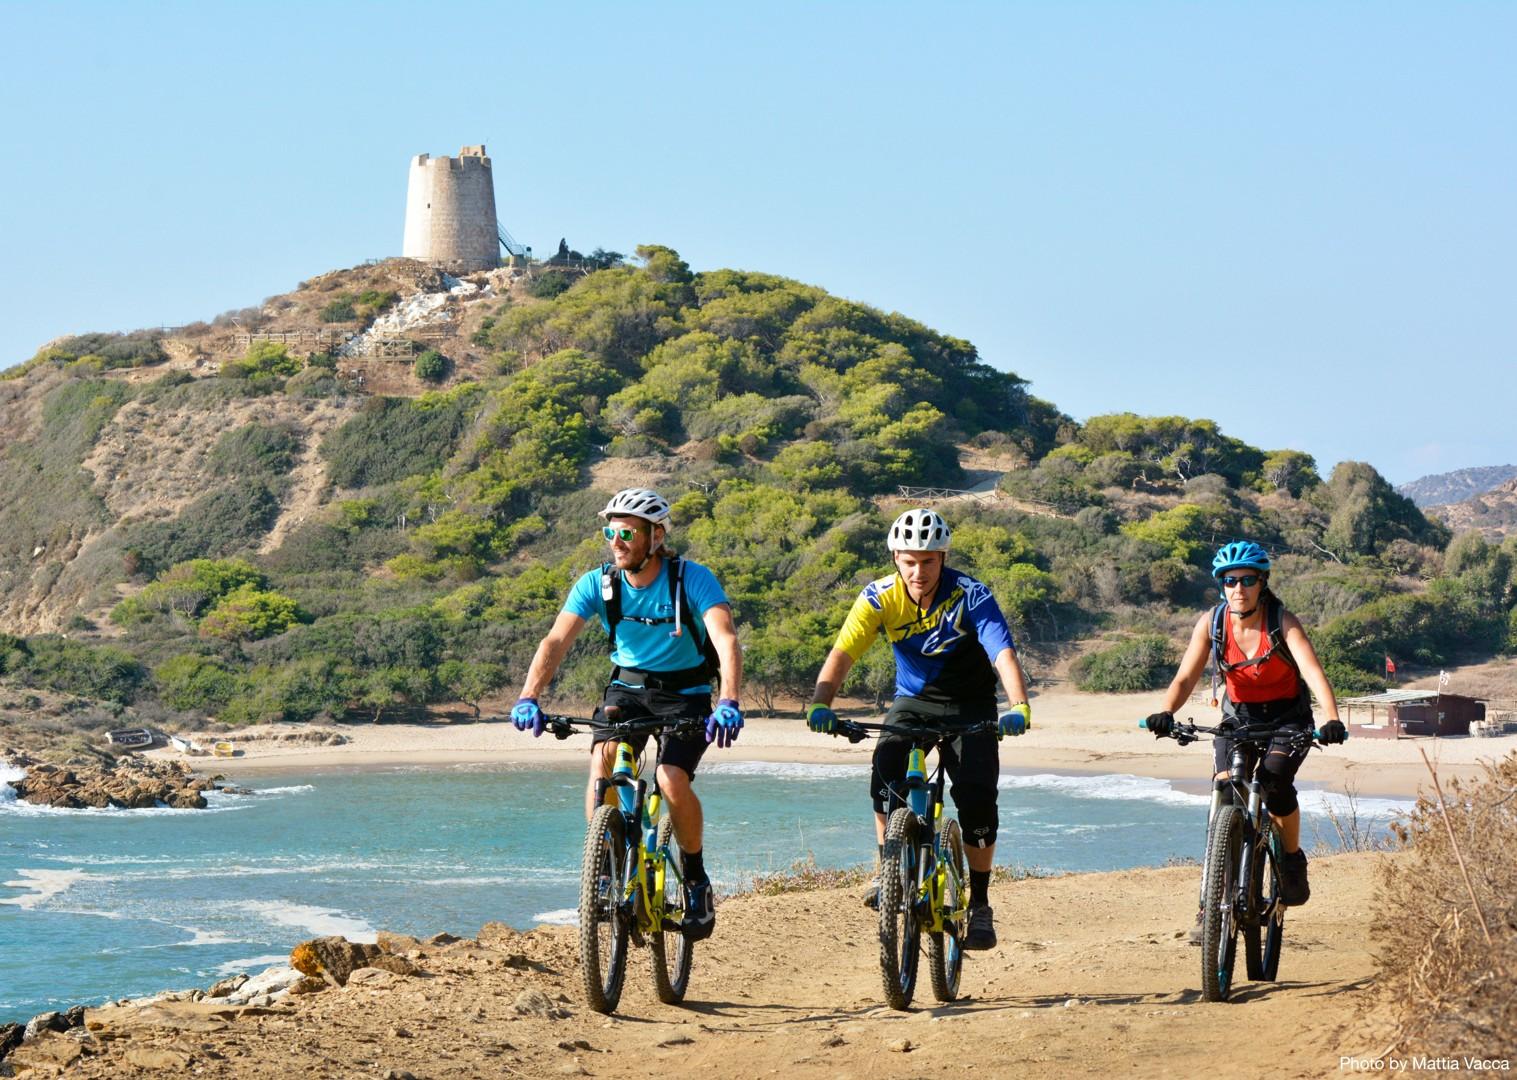 mediterranean-mountain-bike-holiday-enduro-in-italy-sardinia.jpg - Sardinia - Sardinian Enduro - Guided Mountain Bike Holiday - Italia Mountain Biking